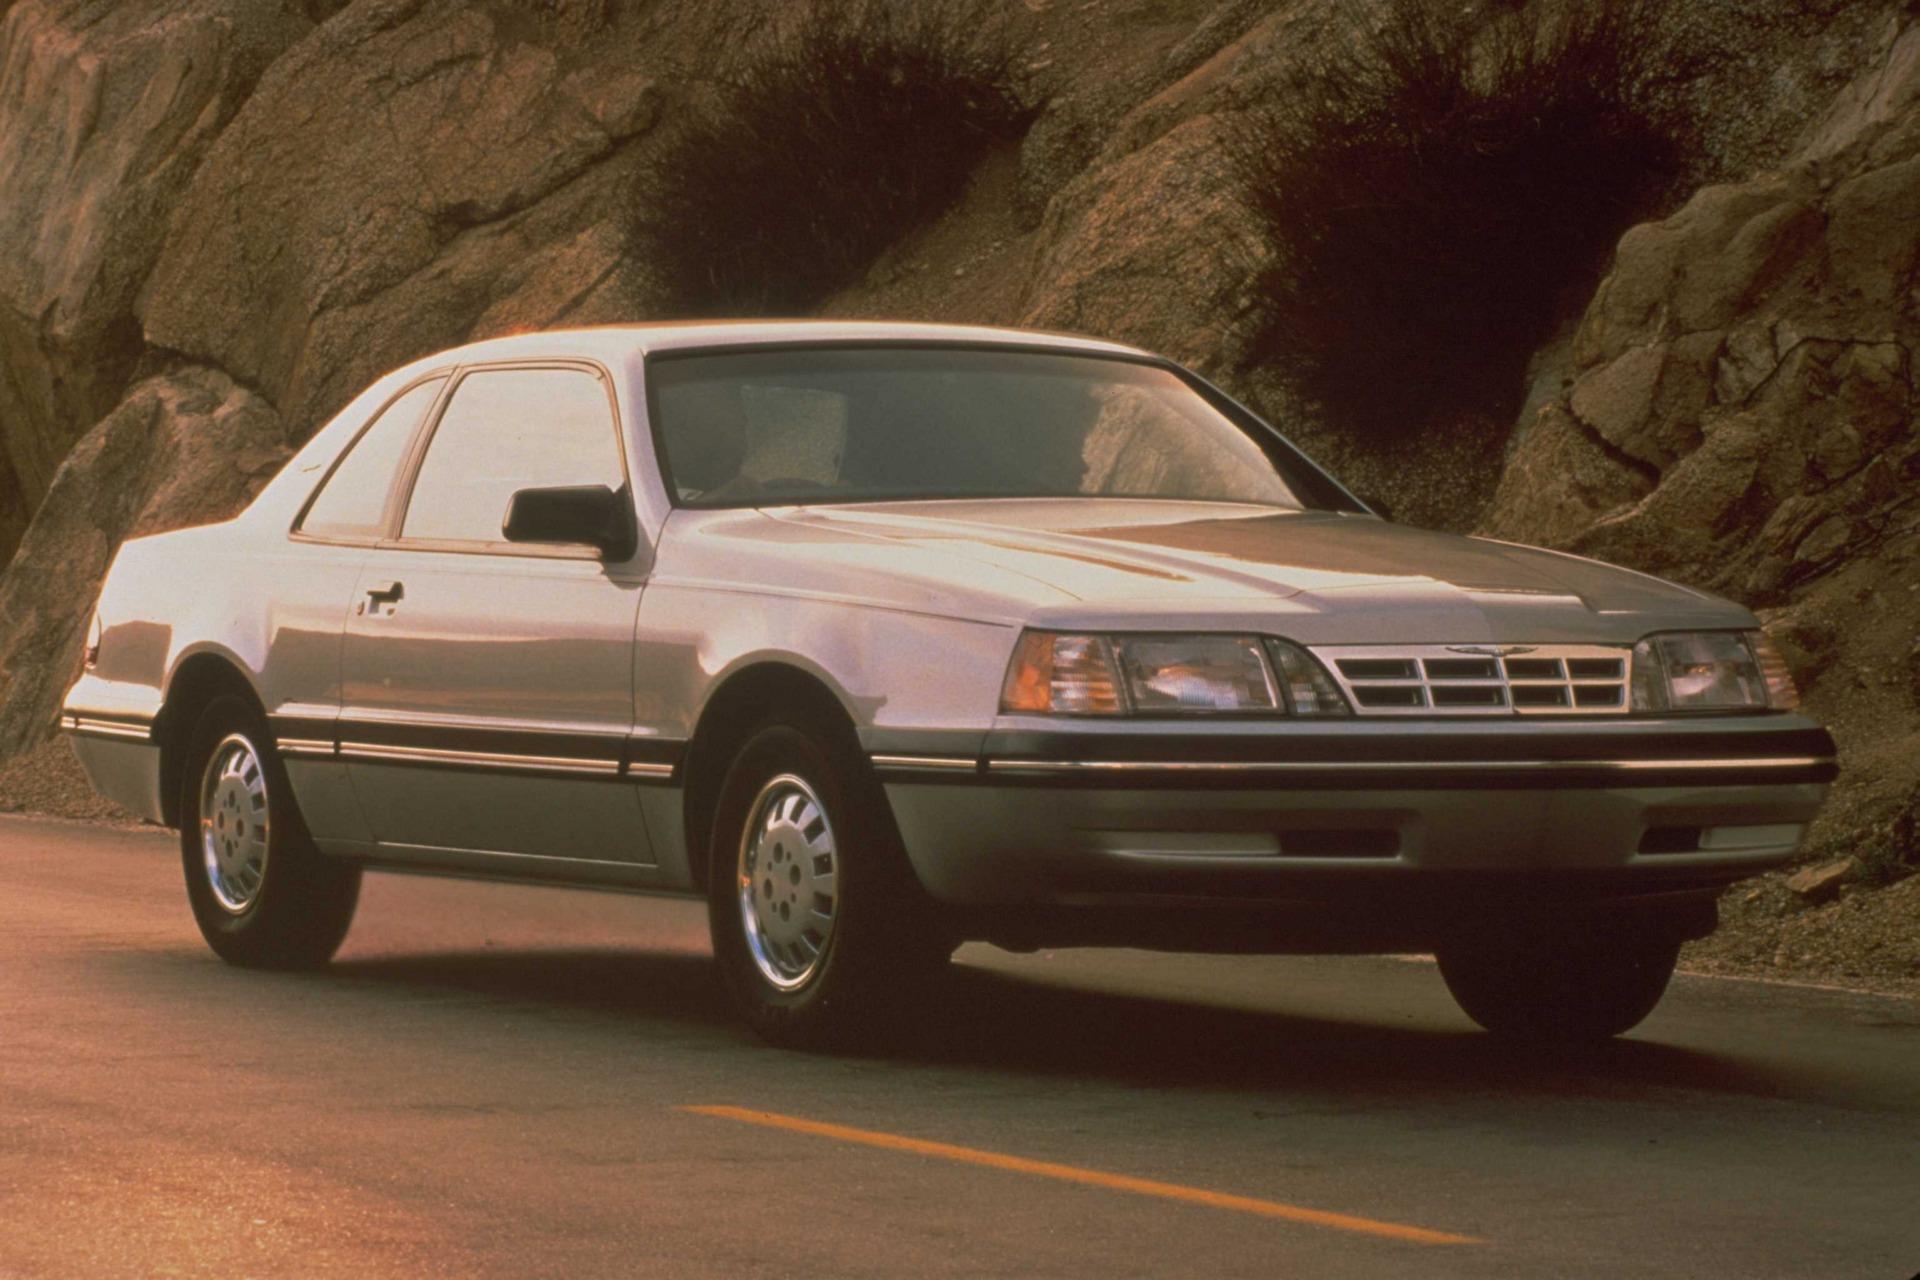 1988 ford thunderbird conceptcarz com 1988 ford thunderbird conceptcarz com